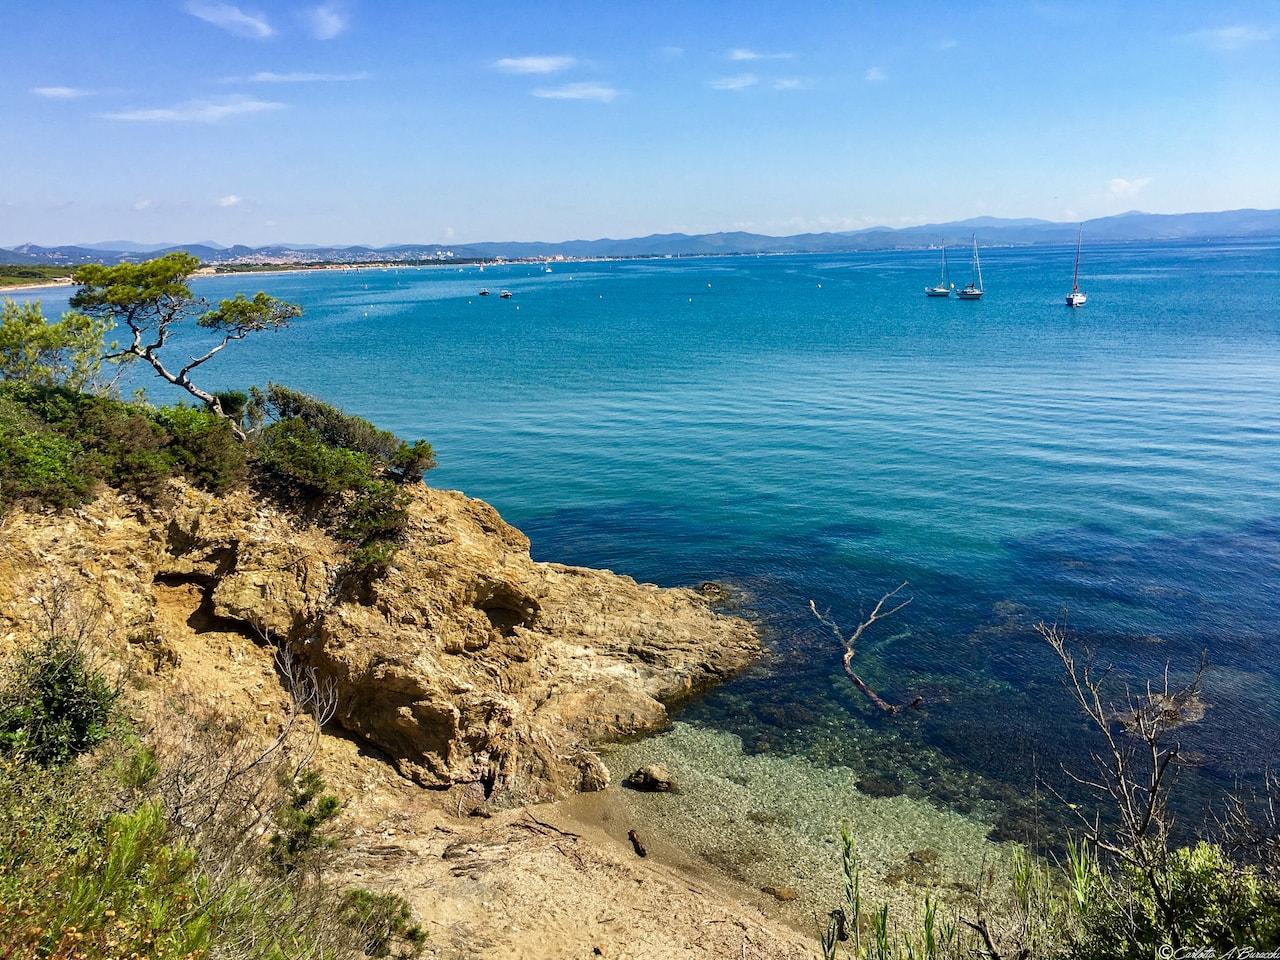 Presq'île de Giens, vista plage de La Capte, Bergerie